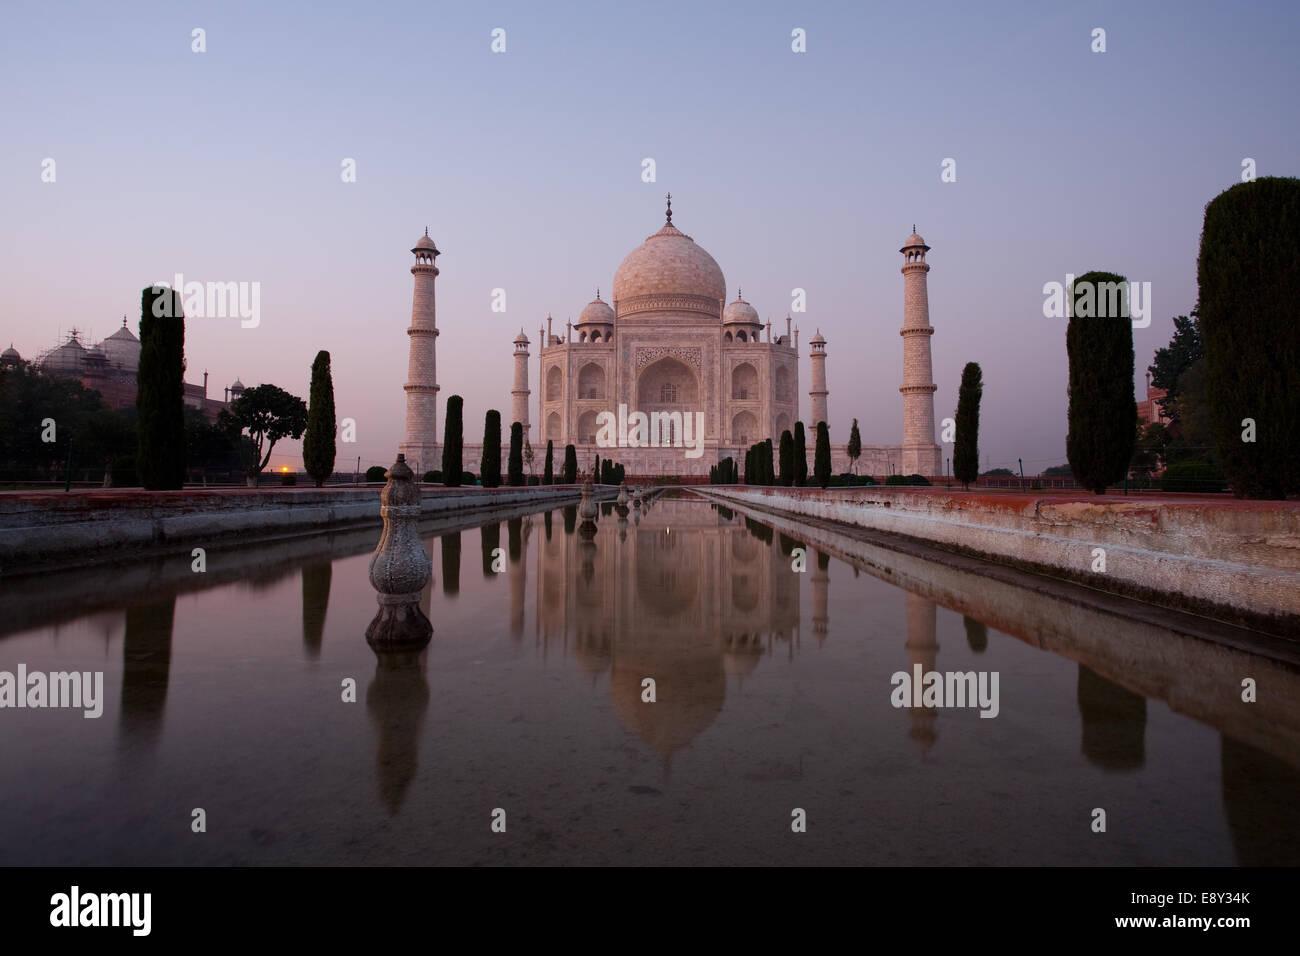 Long Exposure Empty Taj Mahal at Dusk - Stock Image